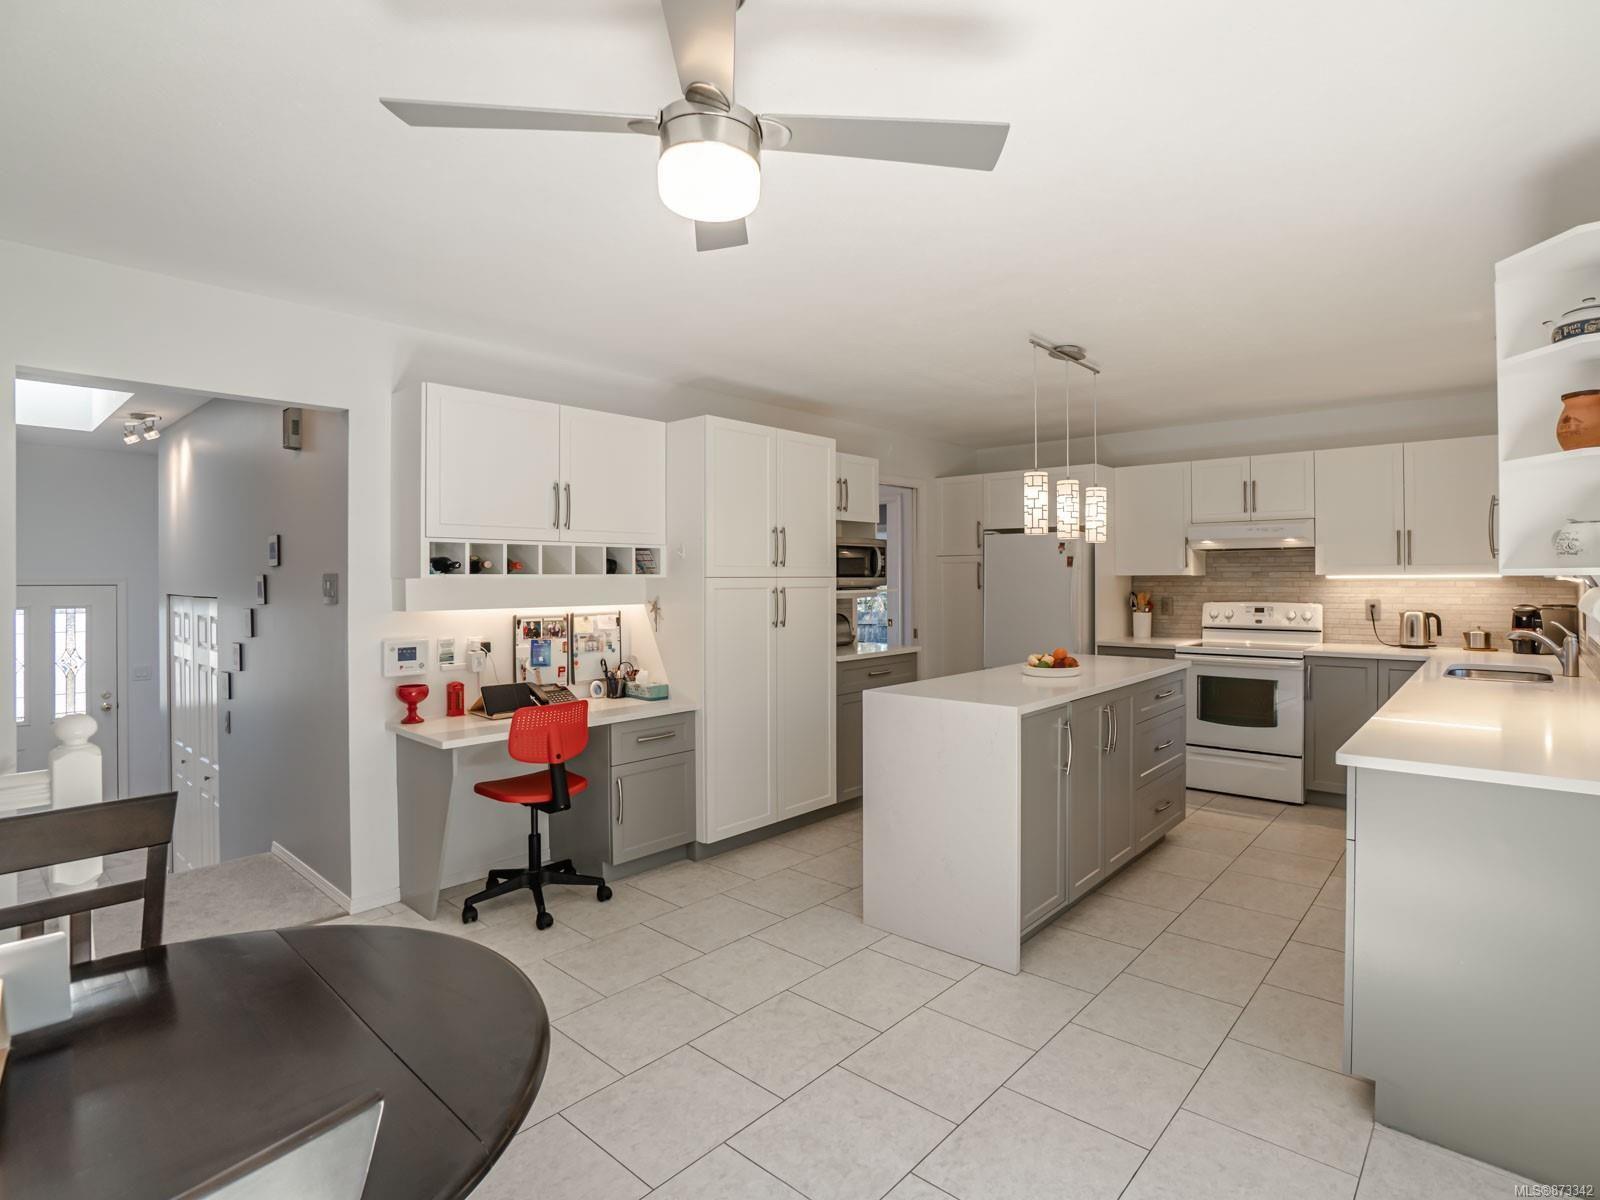 Photo 15: Photos: 5294 Catalina Dr in : Na North Nanaimo House for sale (Nanaimo)  : MLS®# 873342